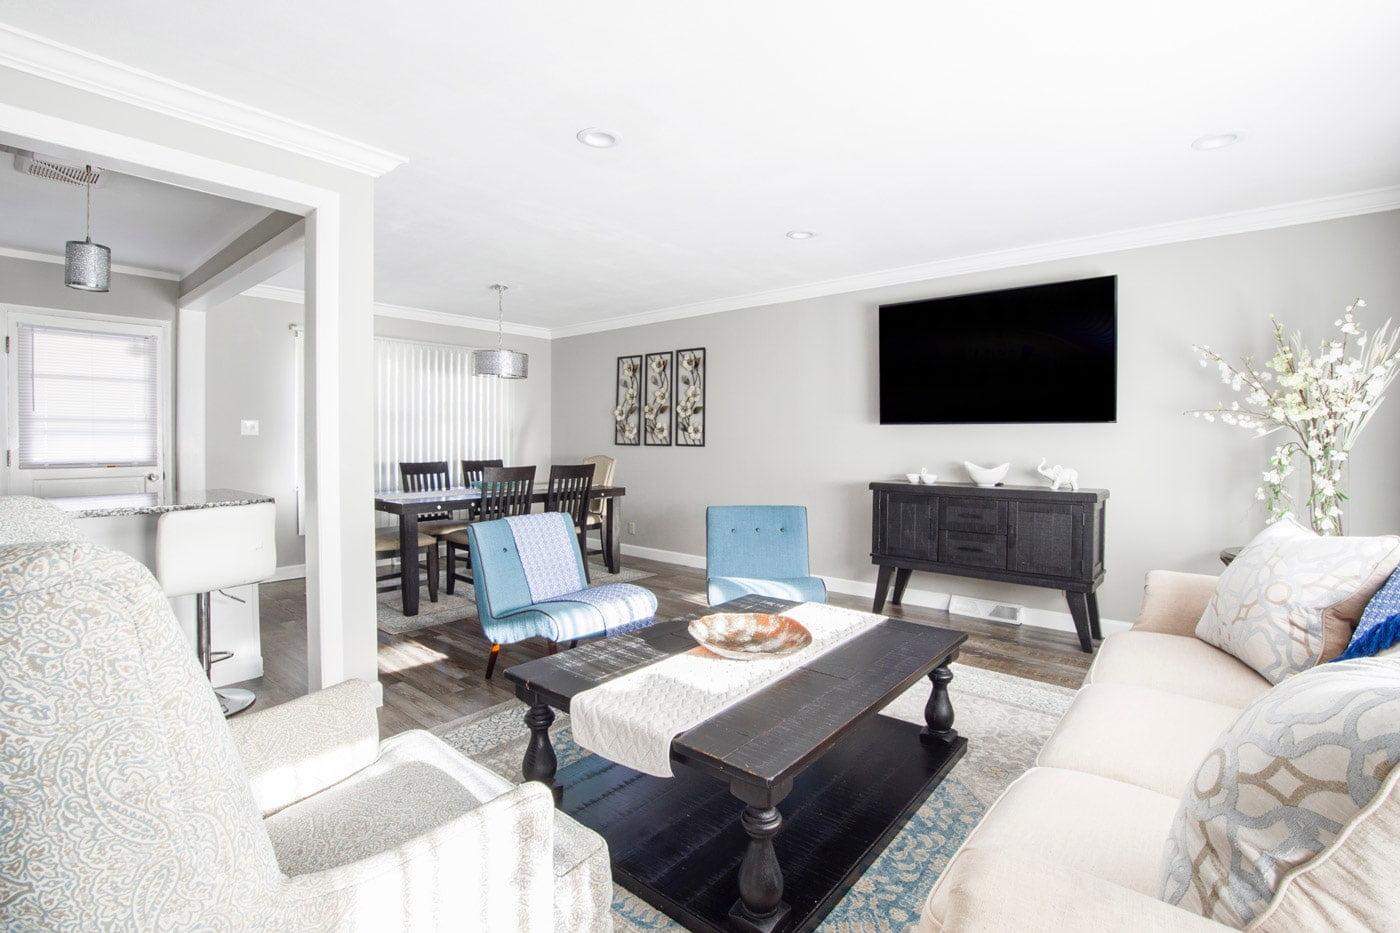 23 ایده ساده و کم هزینه برای چیدمان و دکوراسیون اتاق پذیرایی و نشیمن